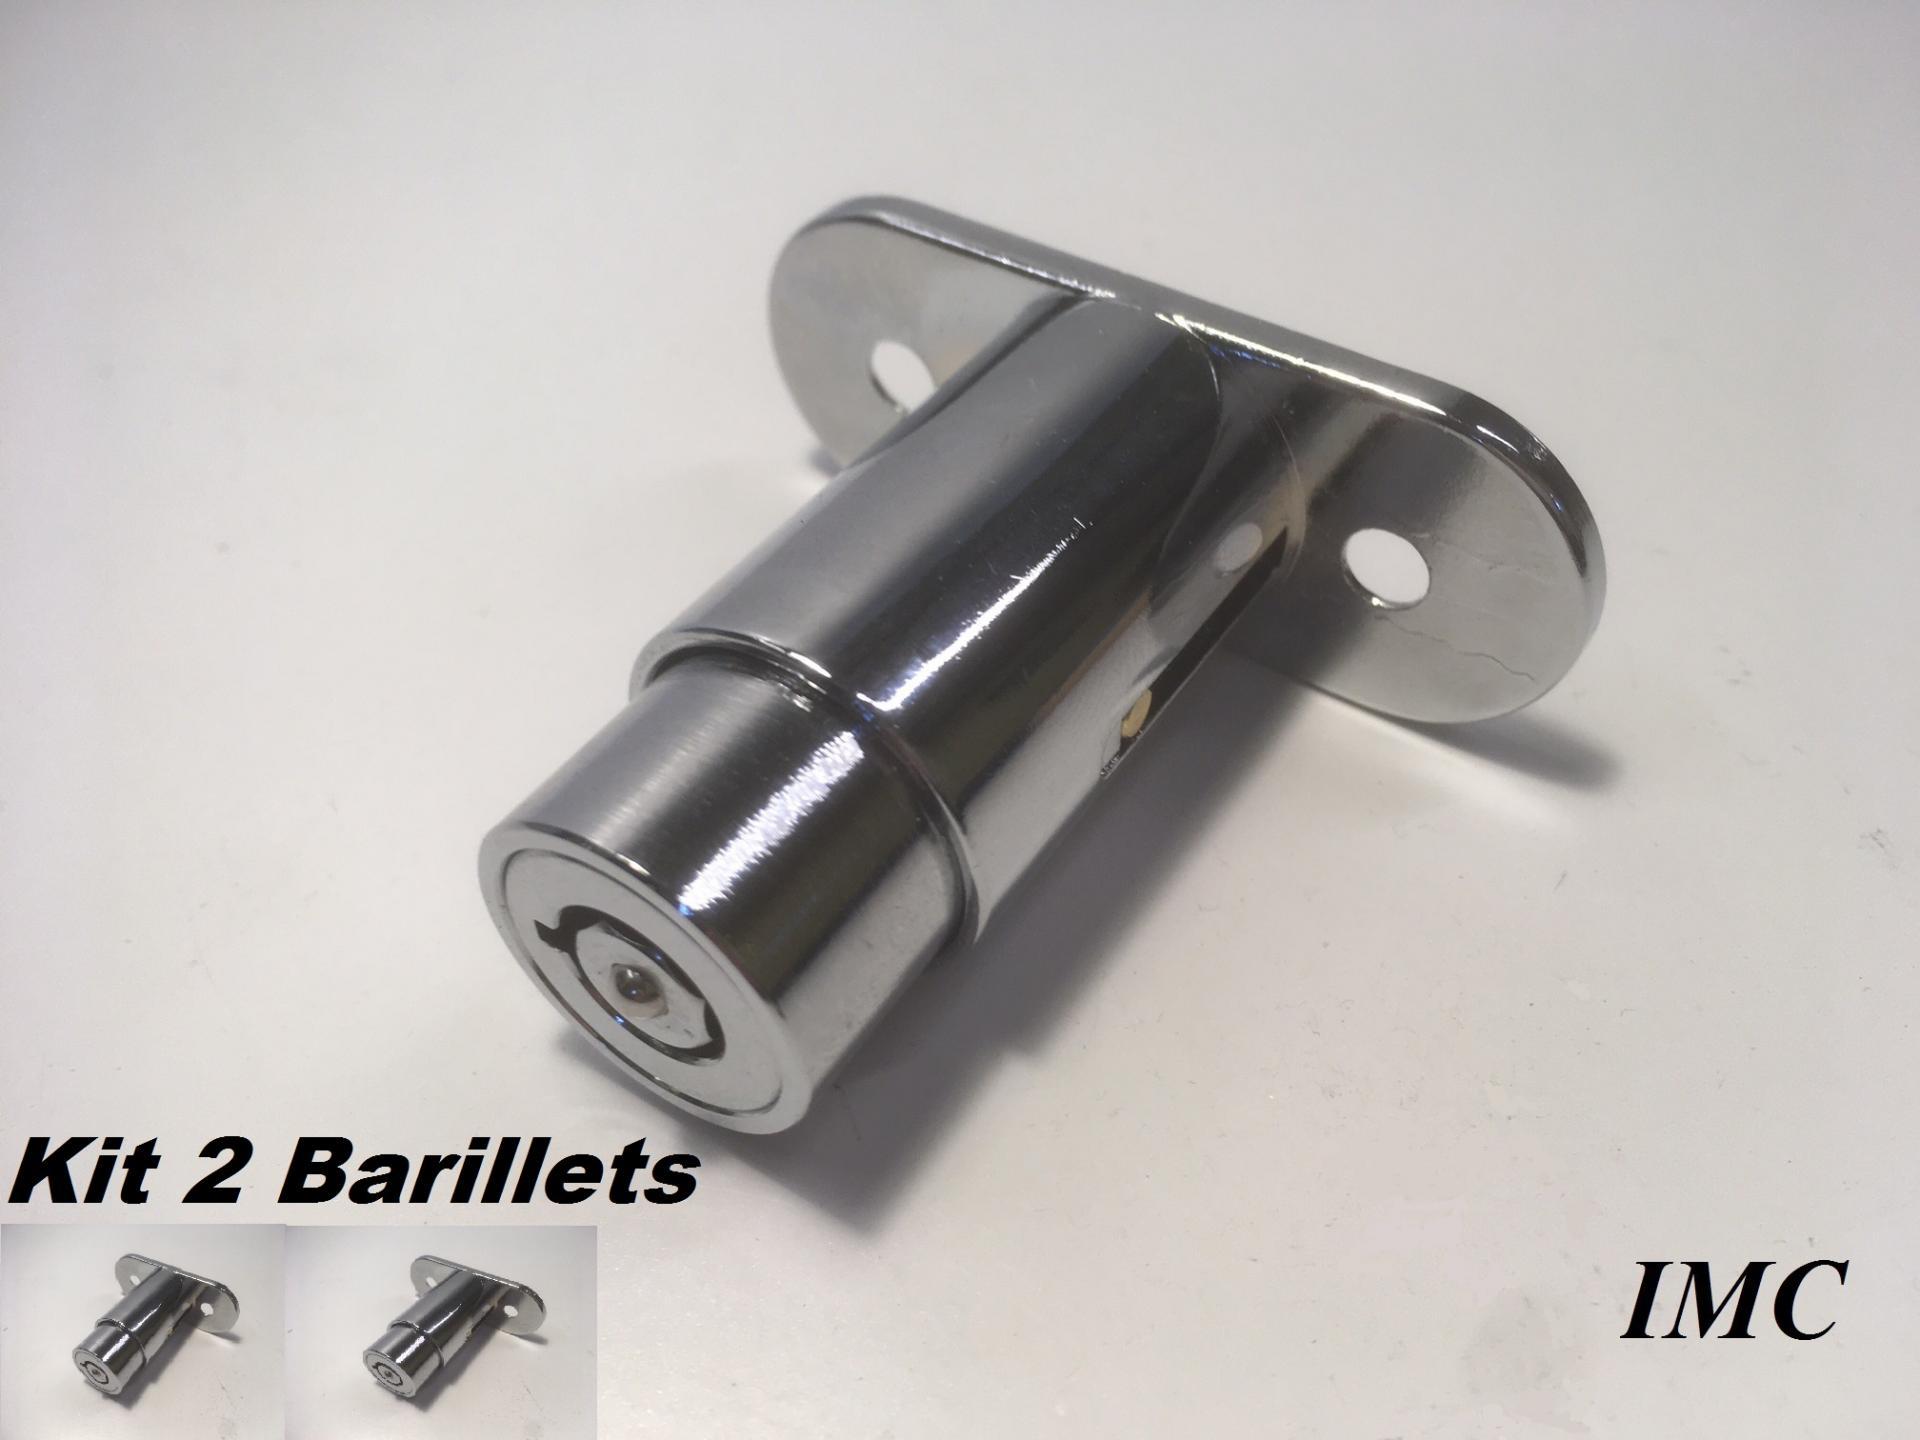 Kit de 2 cylindres barillets 1529 de rechange pour verrou imc